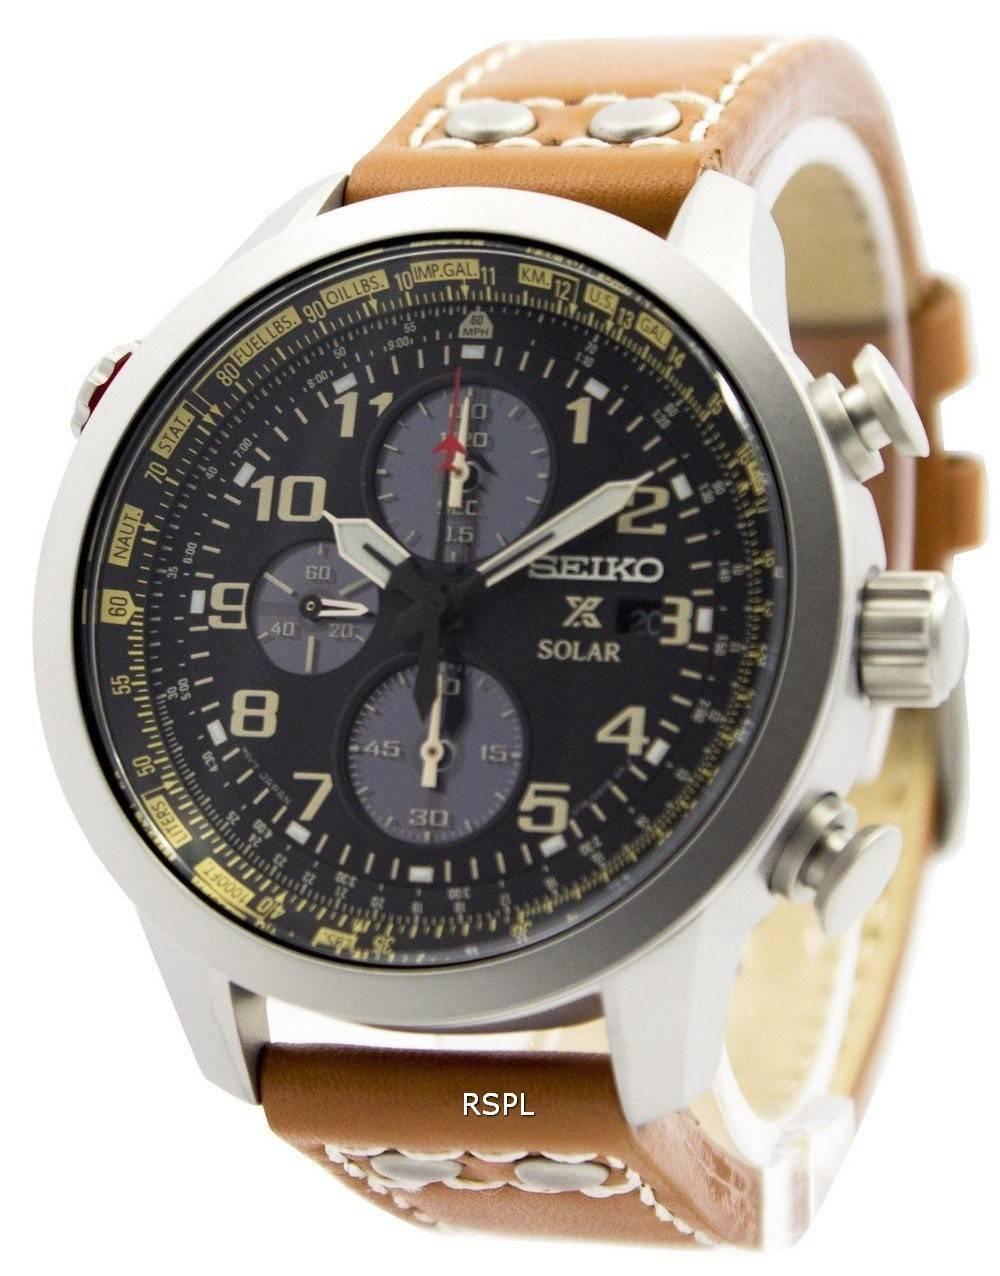 Seiko Ssc421p1 Ssc421p Masculin Chronographe Solaire Montre Prospex c35uT1JlFK